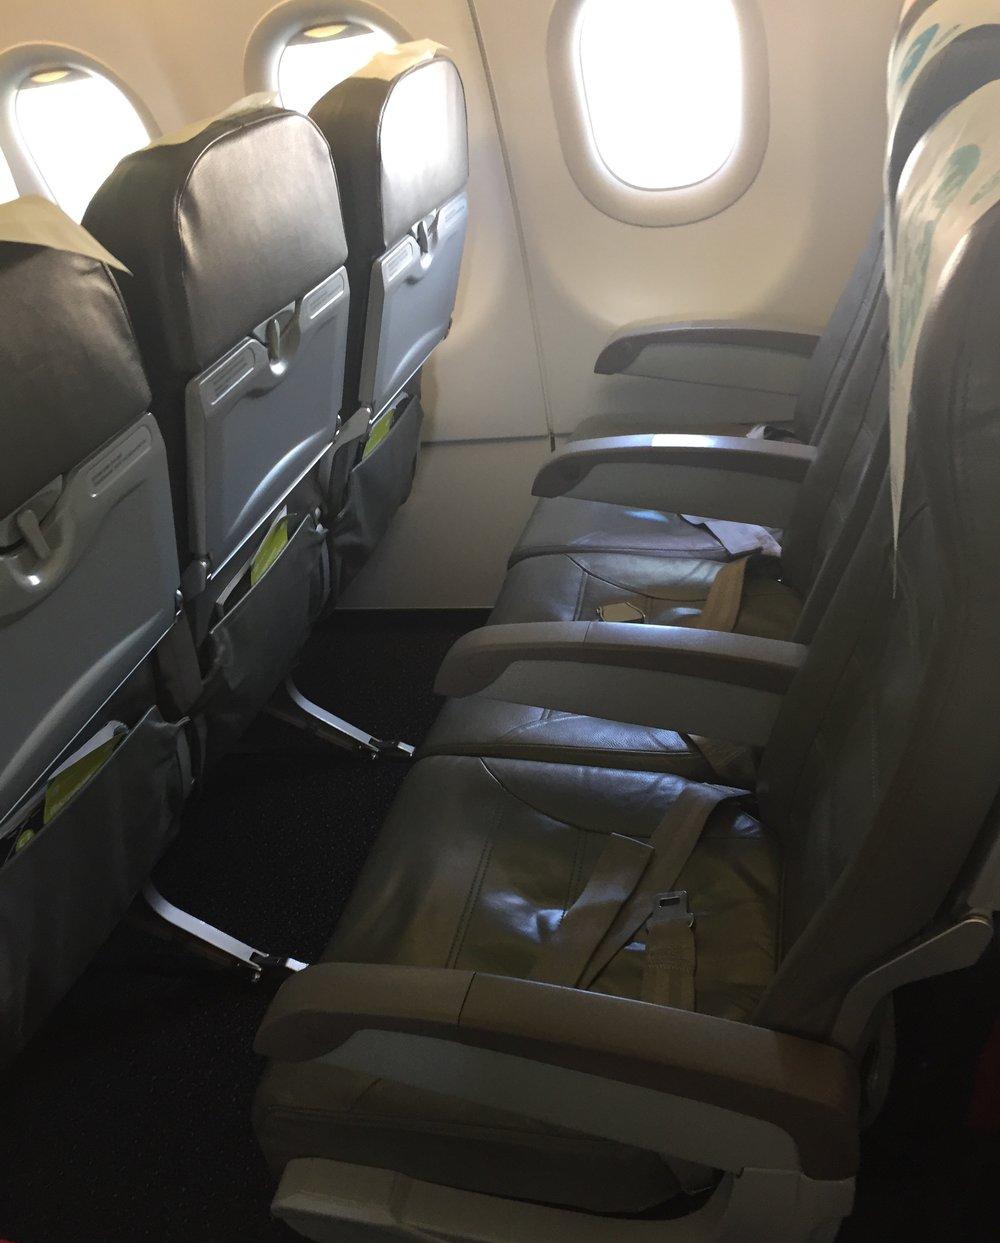 S7 airlines economy seat.jpg